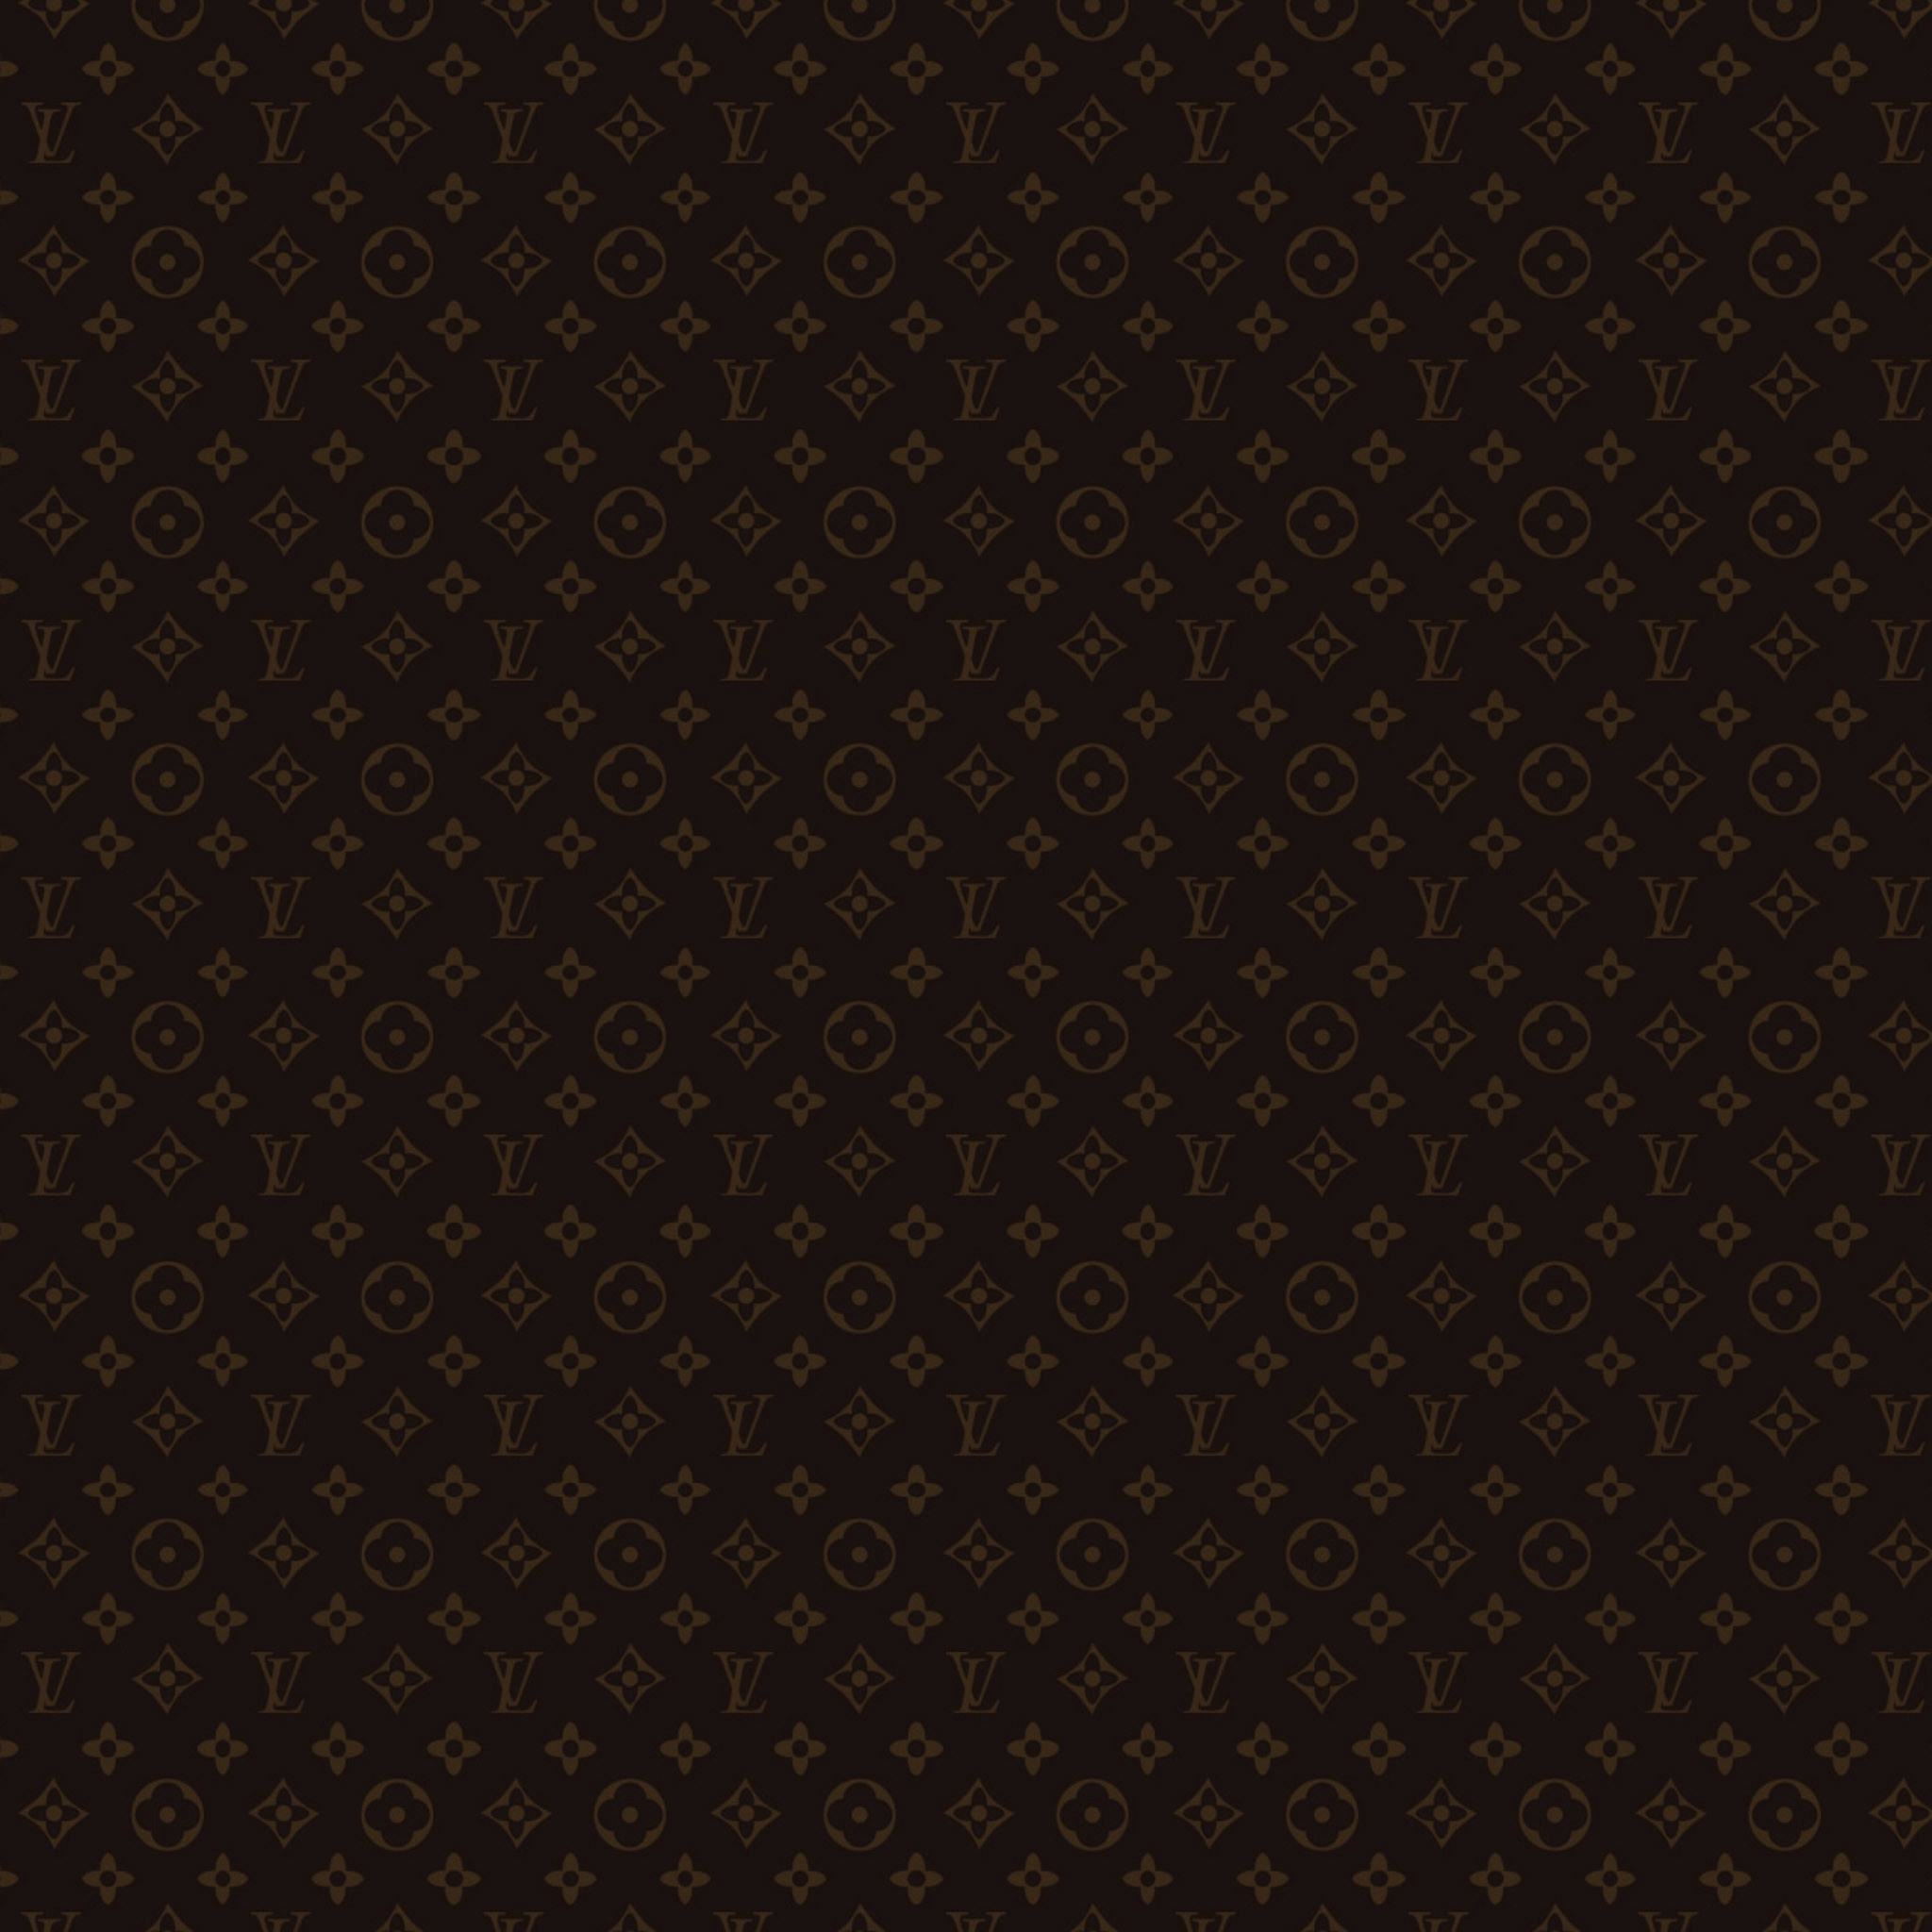 Gravity Falls Iphone 7 Plus Wallpaper Wallpaper Lv 65 Images